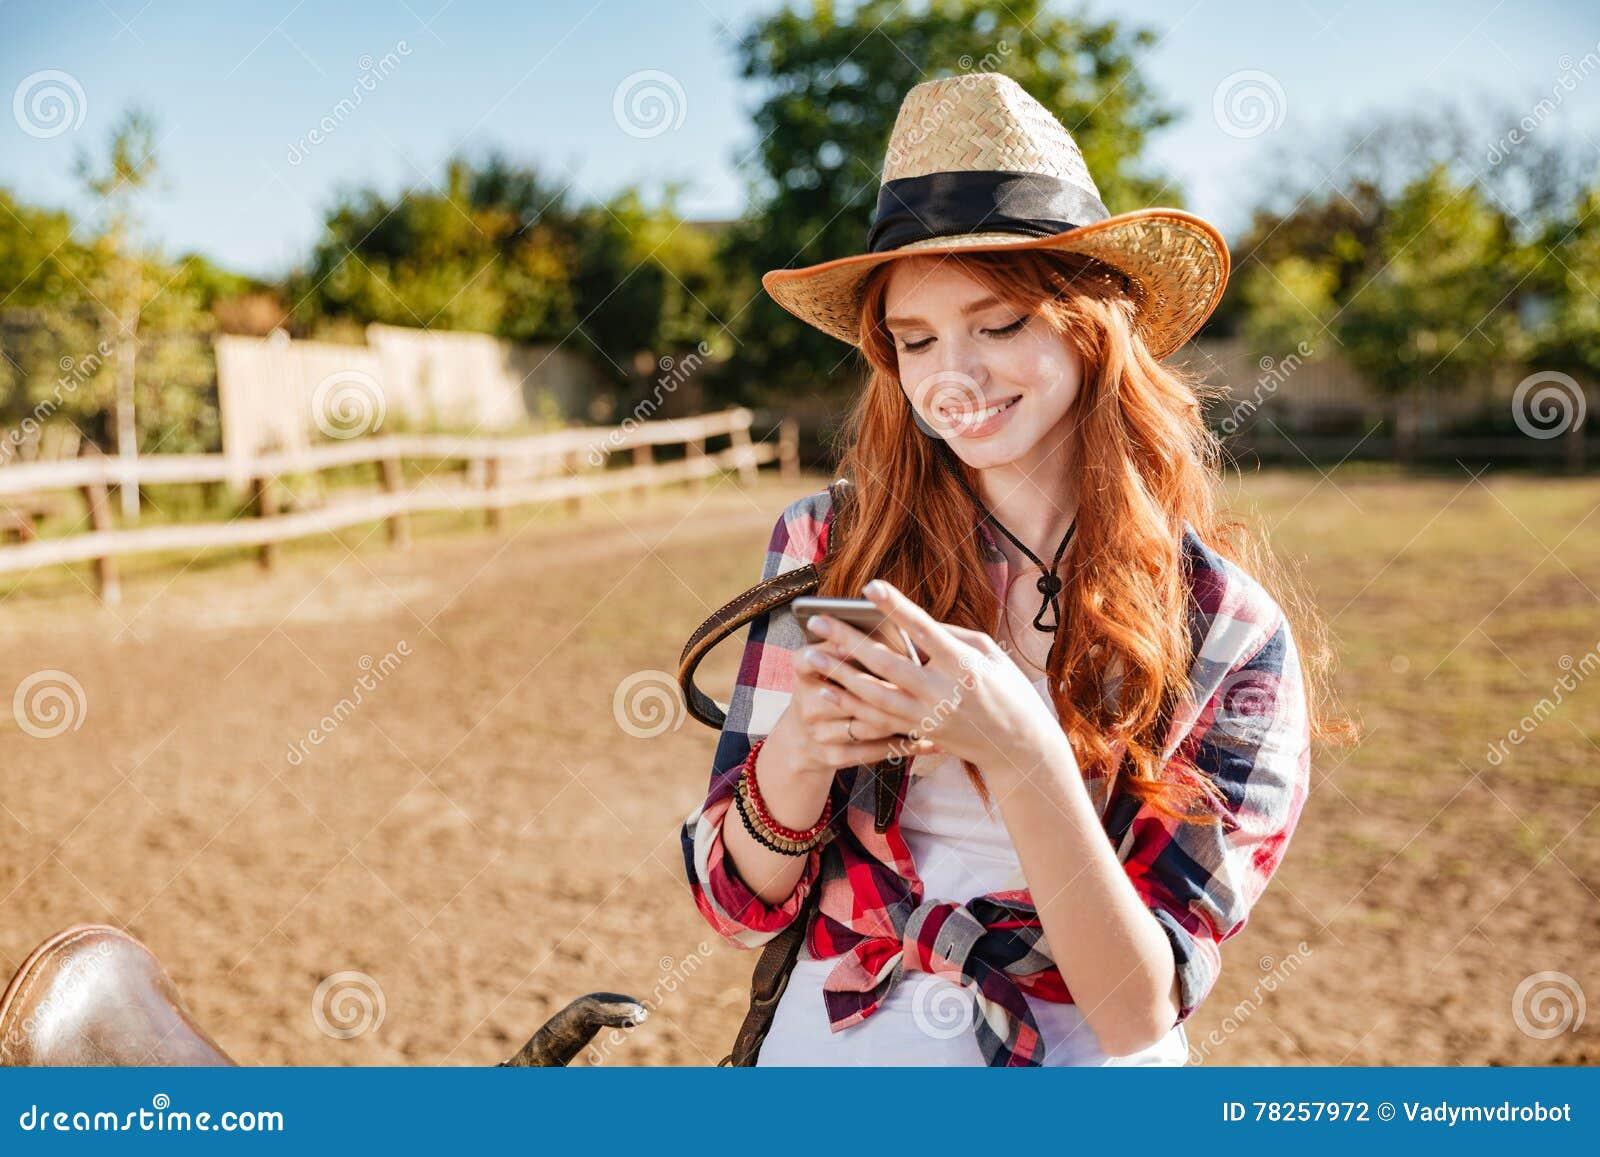 Χαμόγελο cowgirl χρησιμοποιώντας το κινητό τηλέφωνο στεμένος στο φράκτη αγροκτημάτων